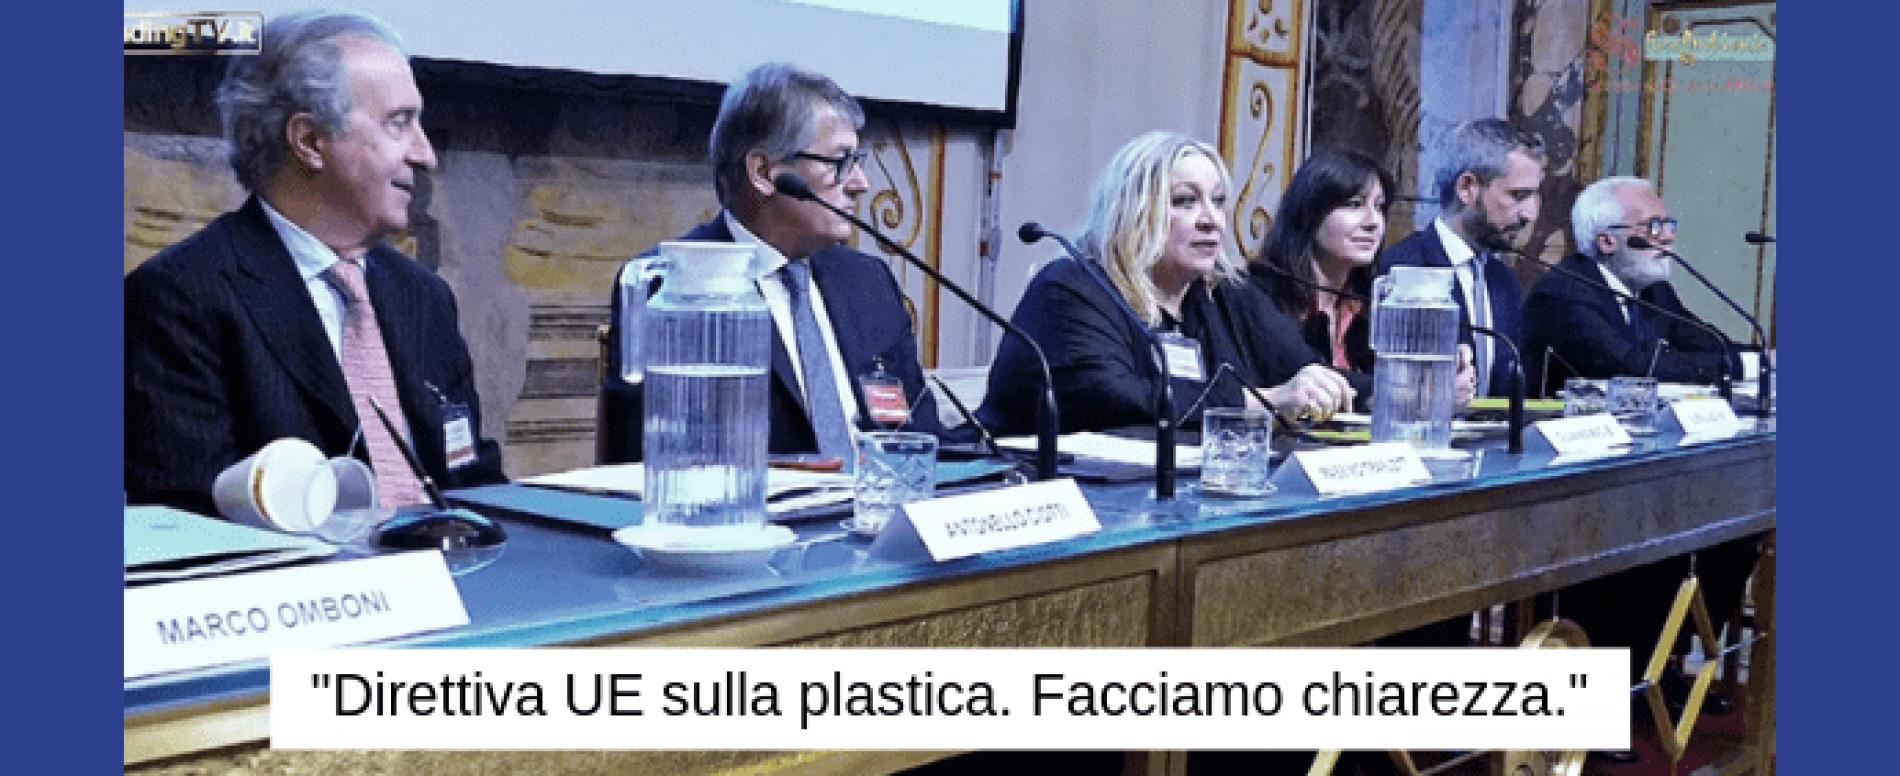 """Vending TV. Convegno """"Direttiva UE sulla plastica."""" – Prima parte"""